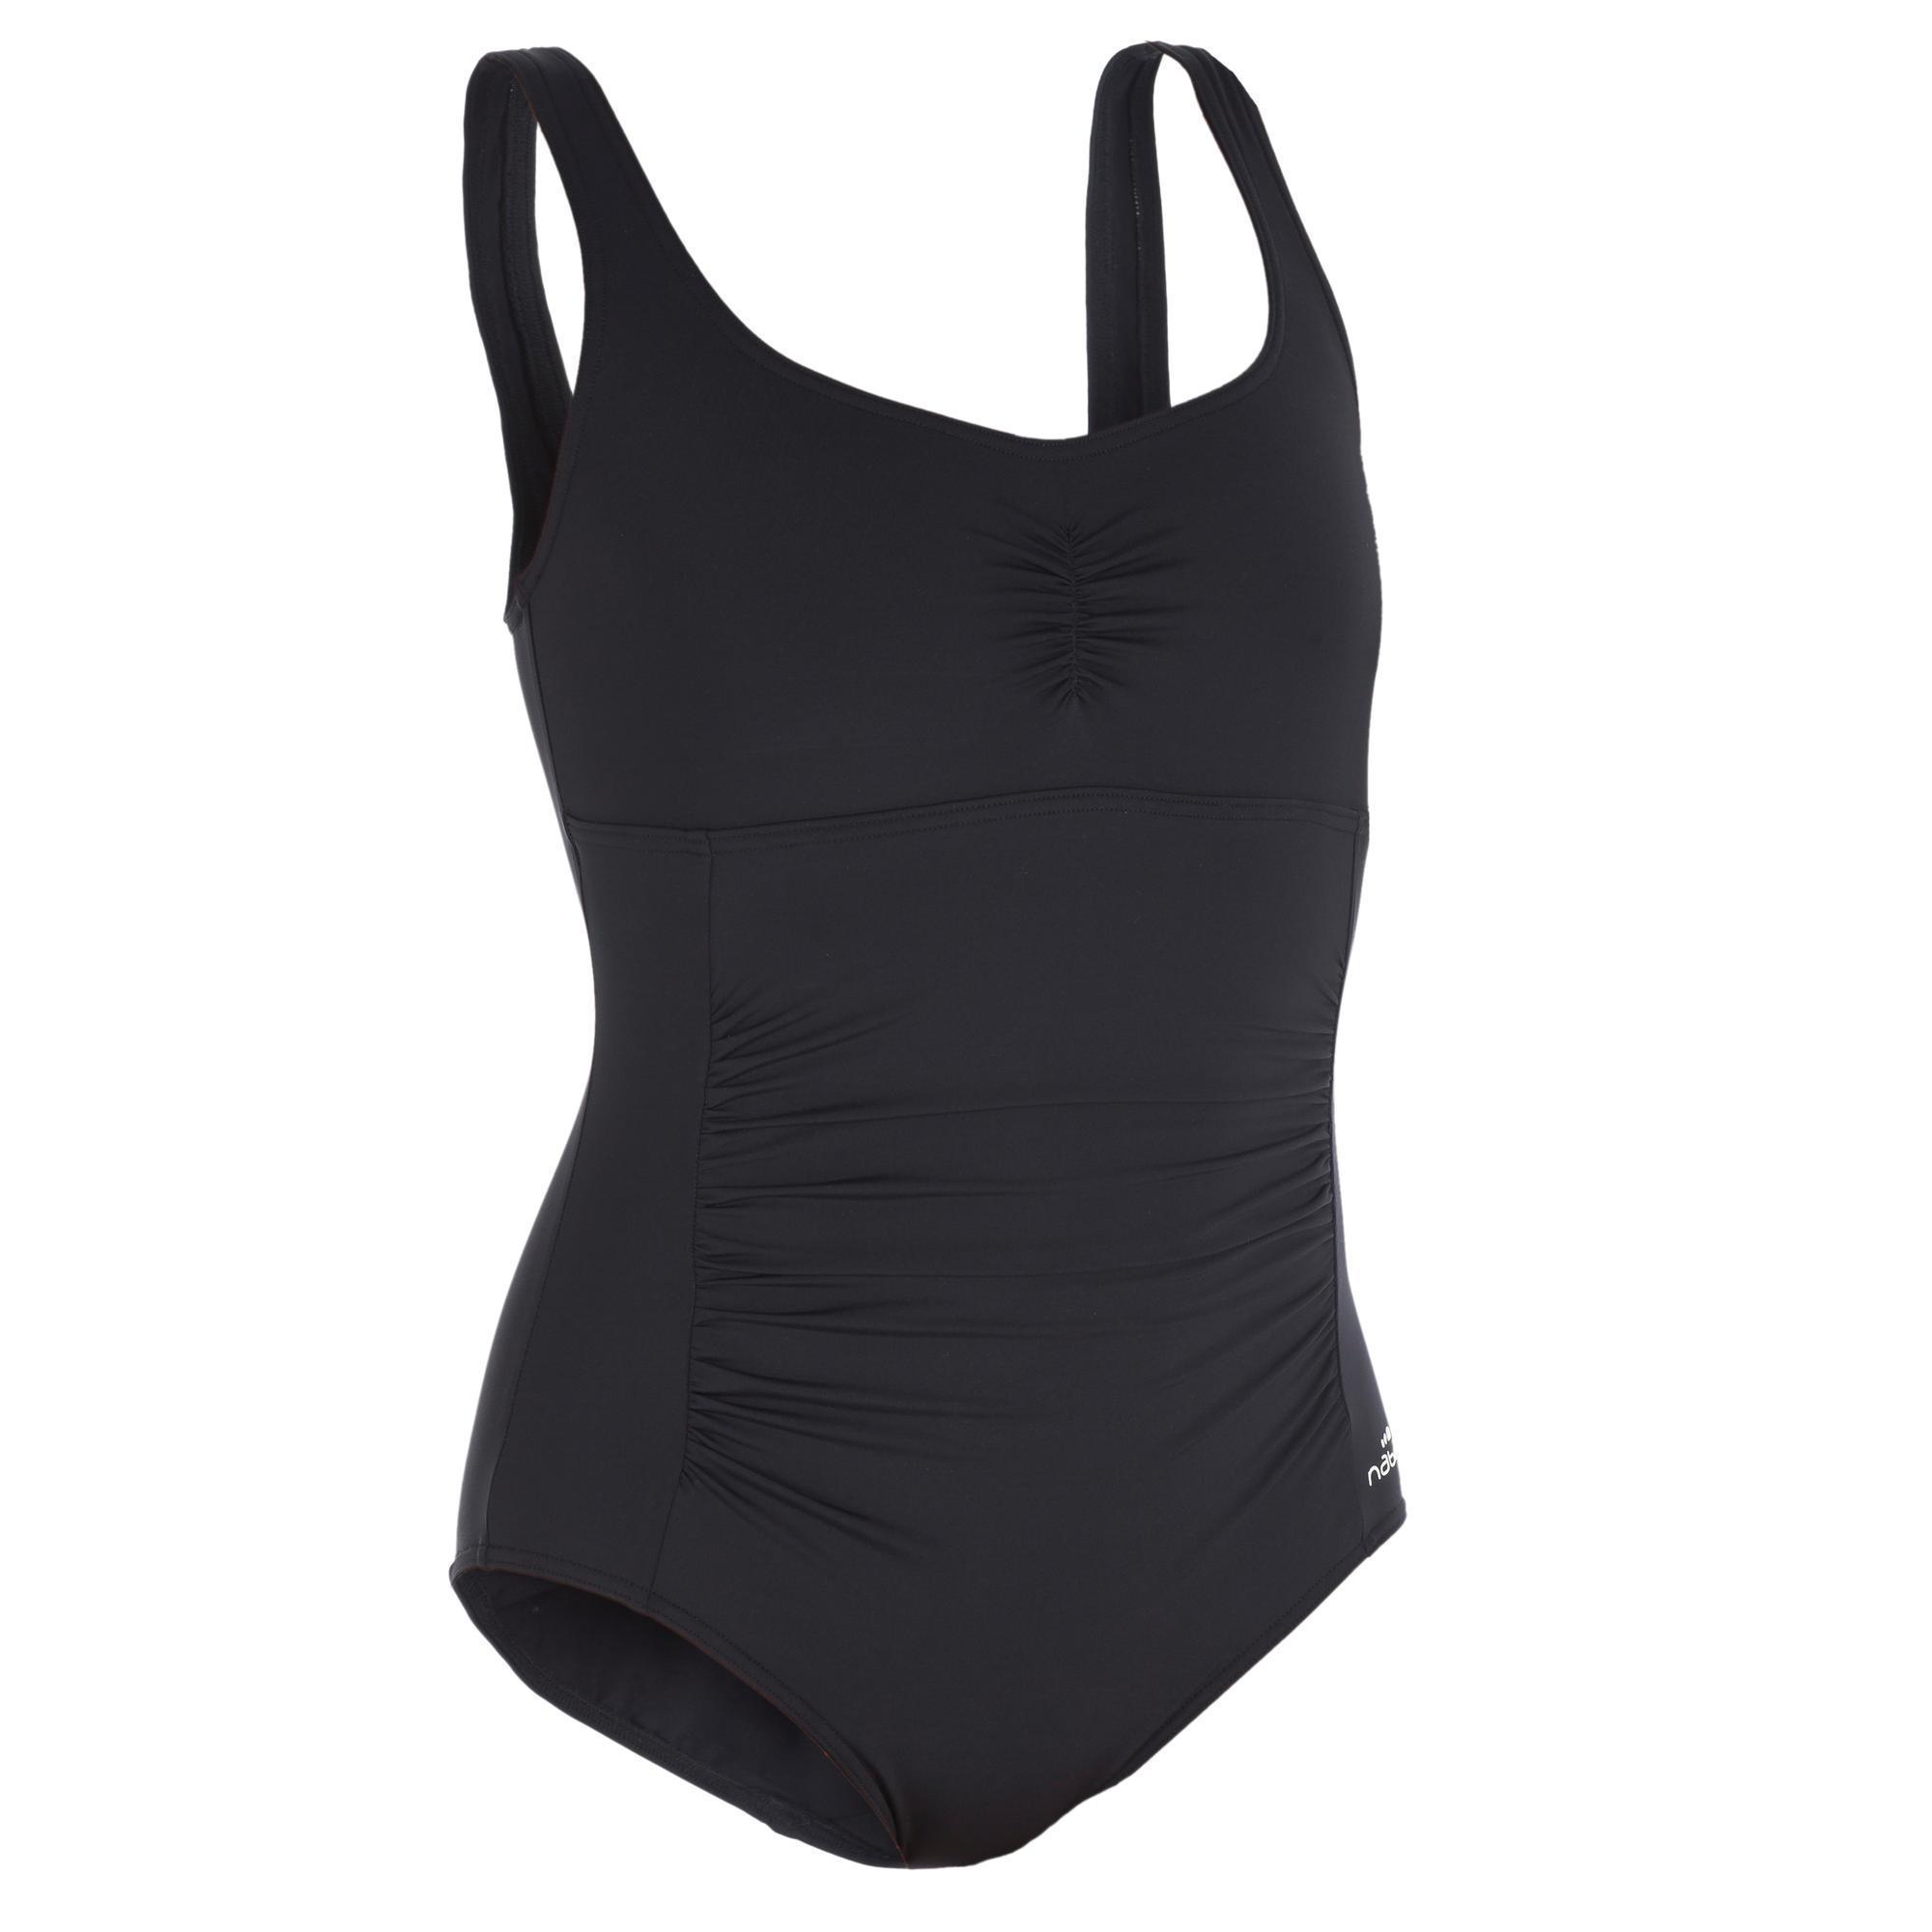 3cf00fba0a0d Badeanzug Aquagym figurformend Mary Damen schwarz